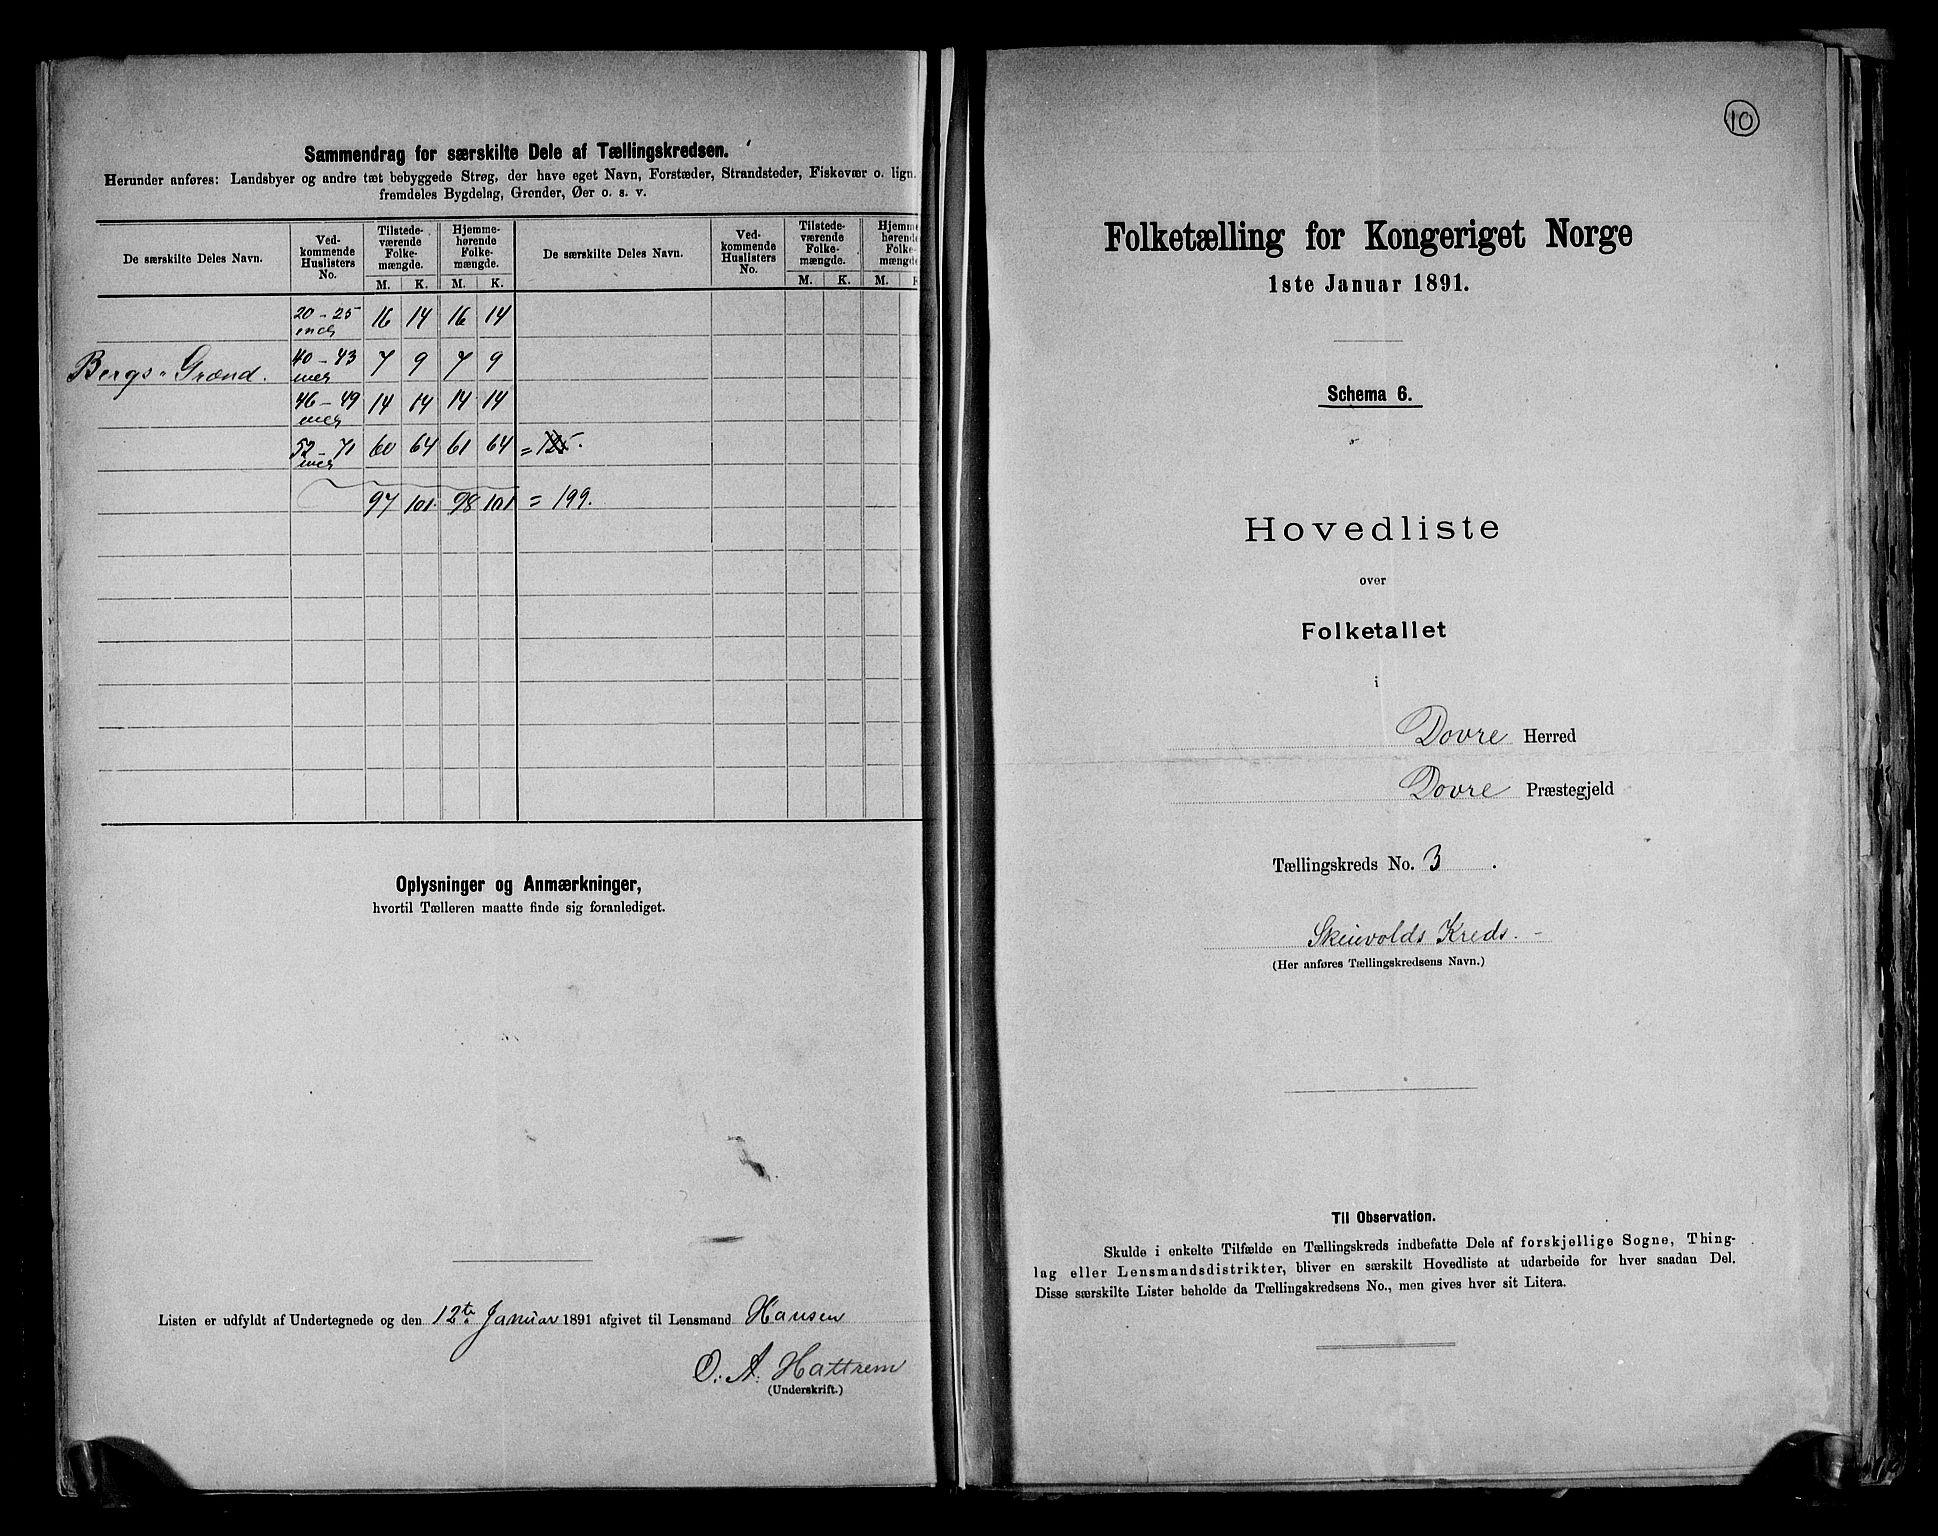 RA, Folketelling 1891 for 0511 Dovre herred, 1891, s. 10